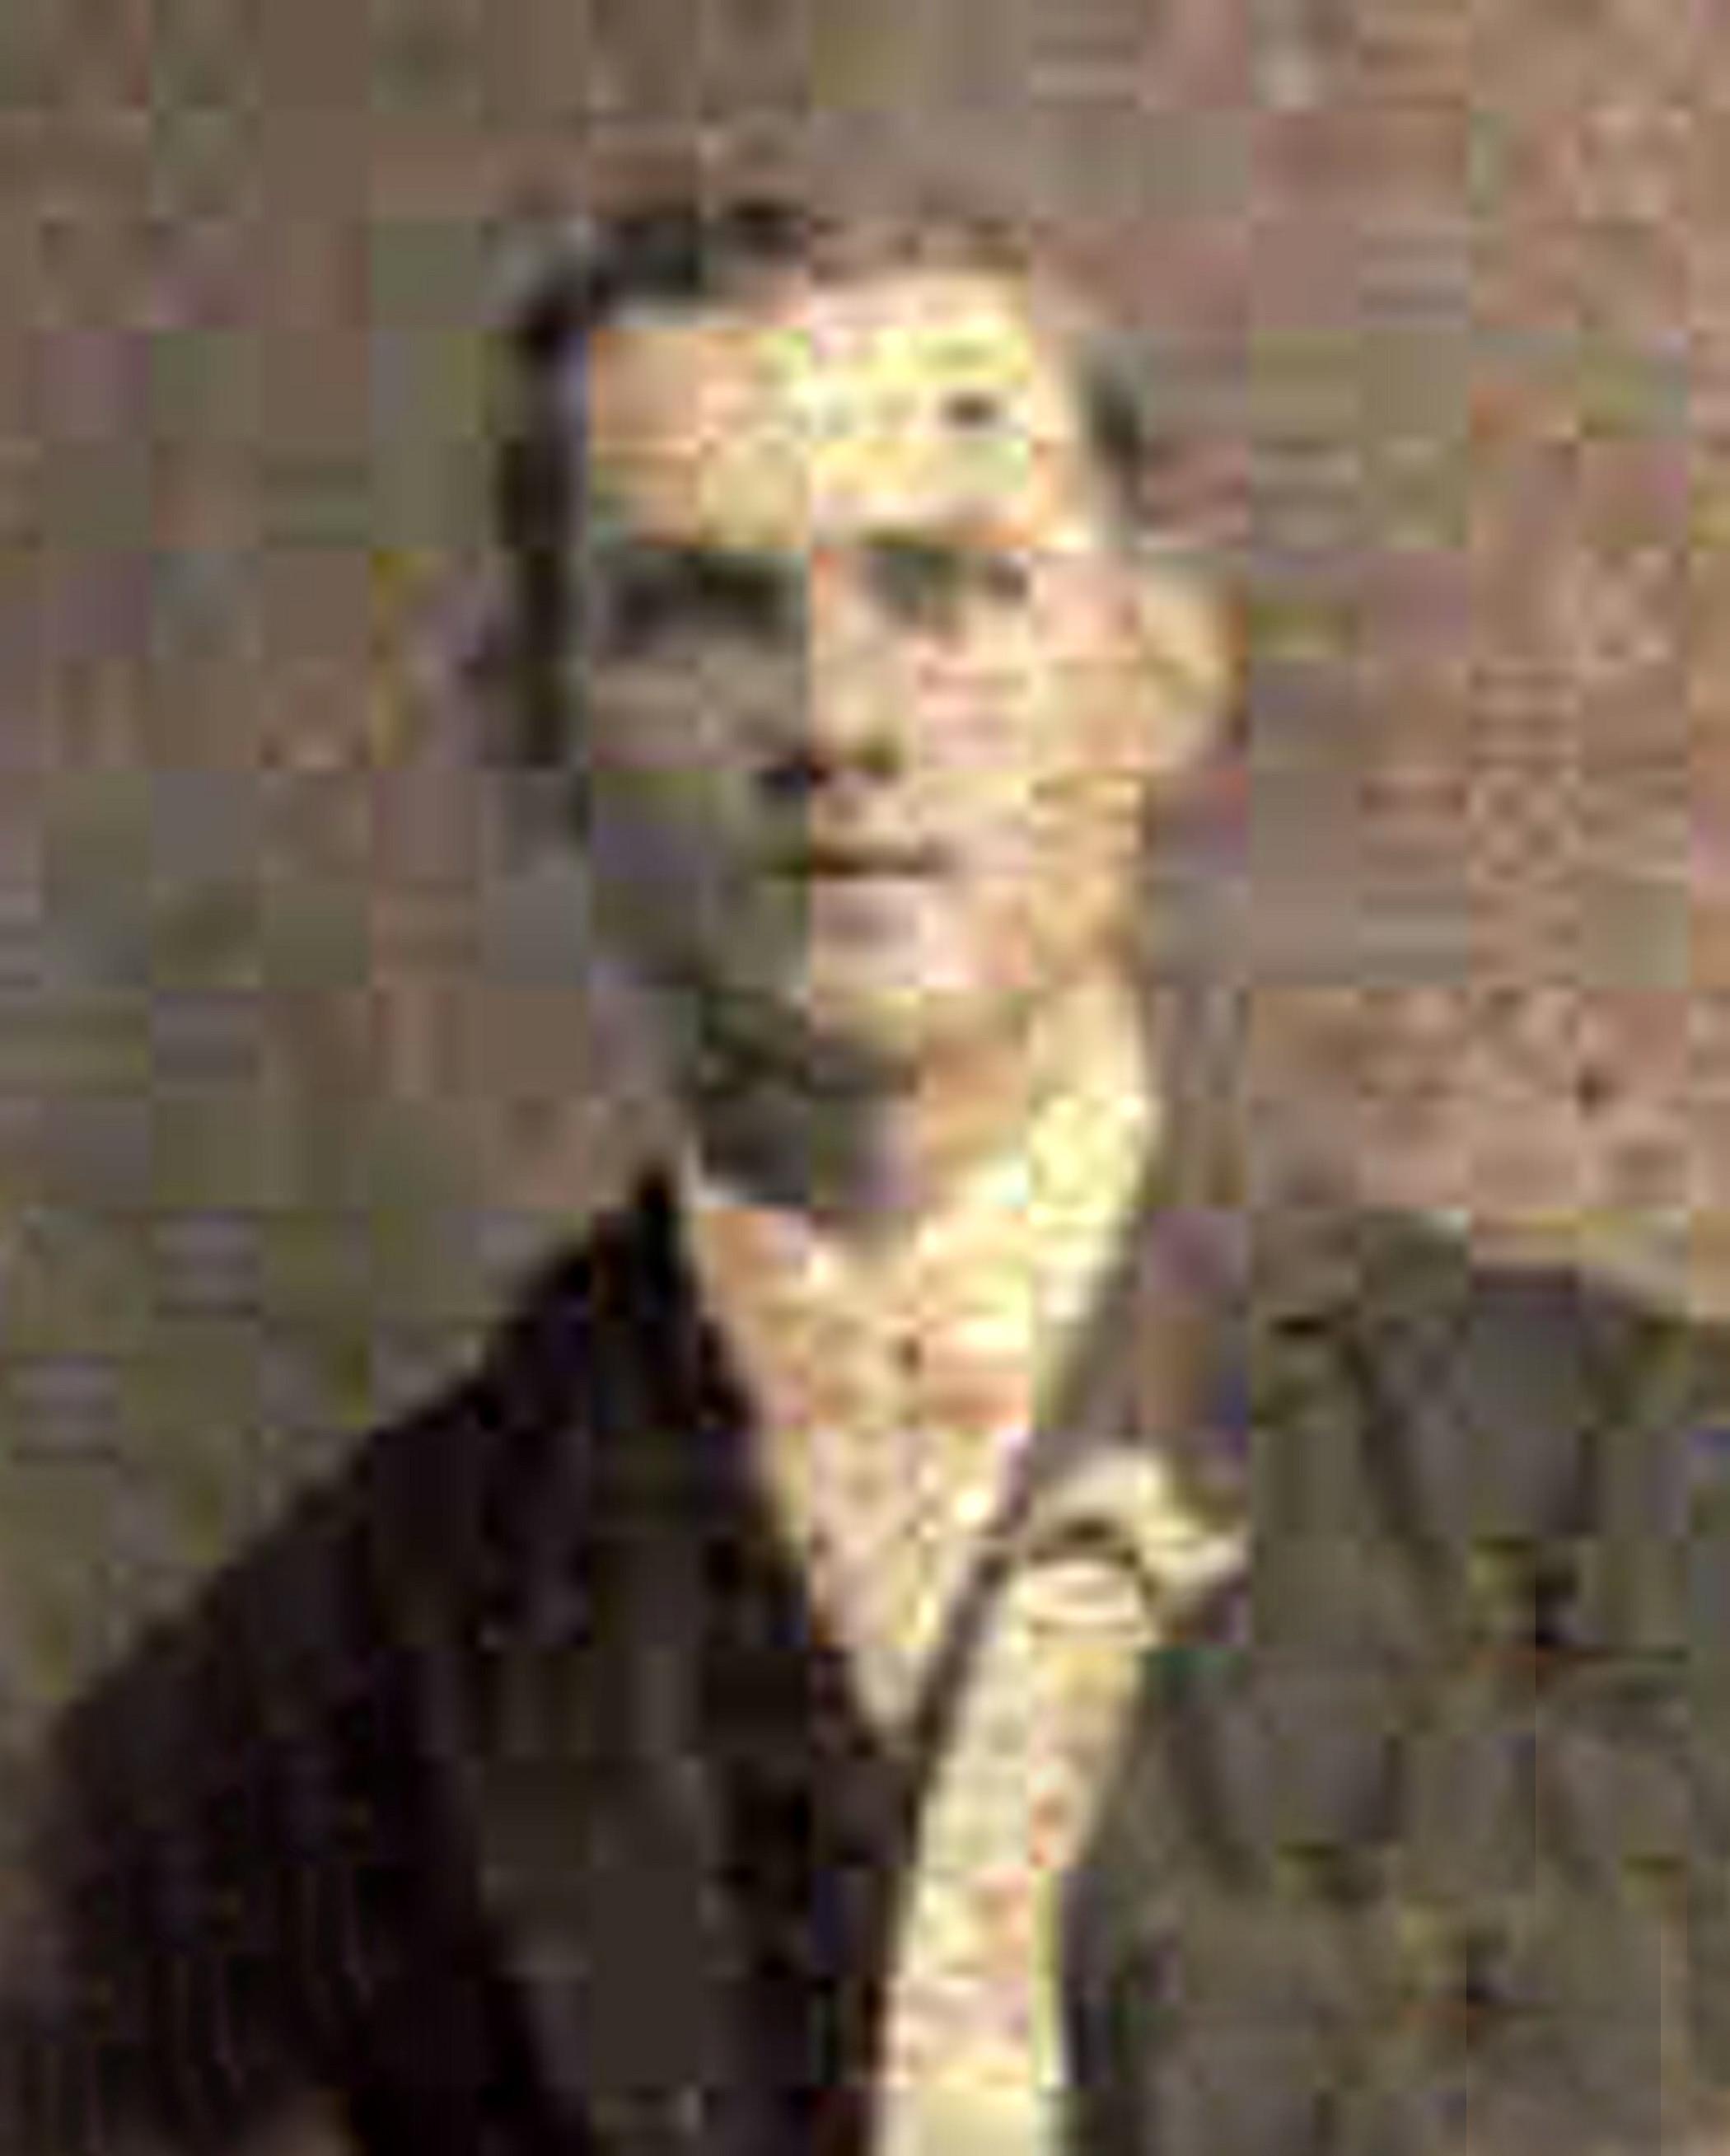 Alphonse A. Smith